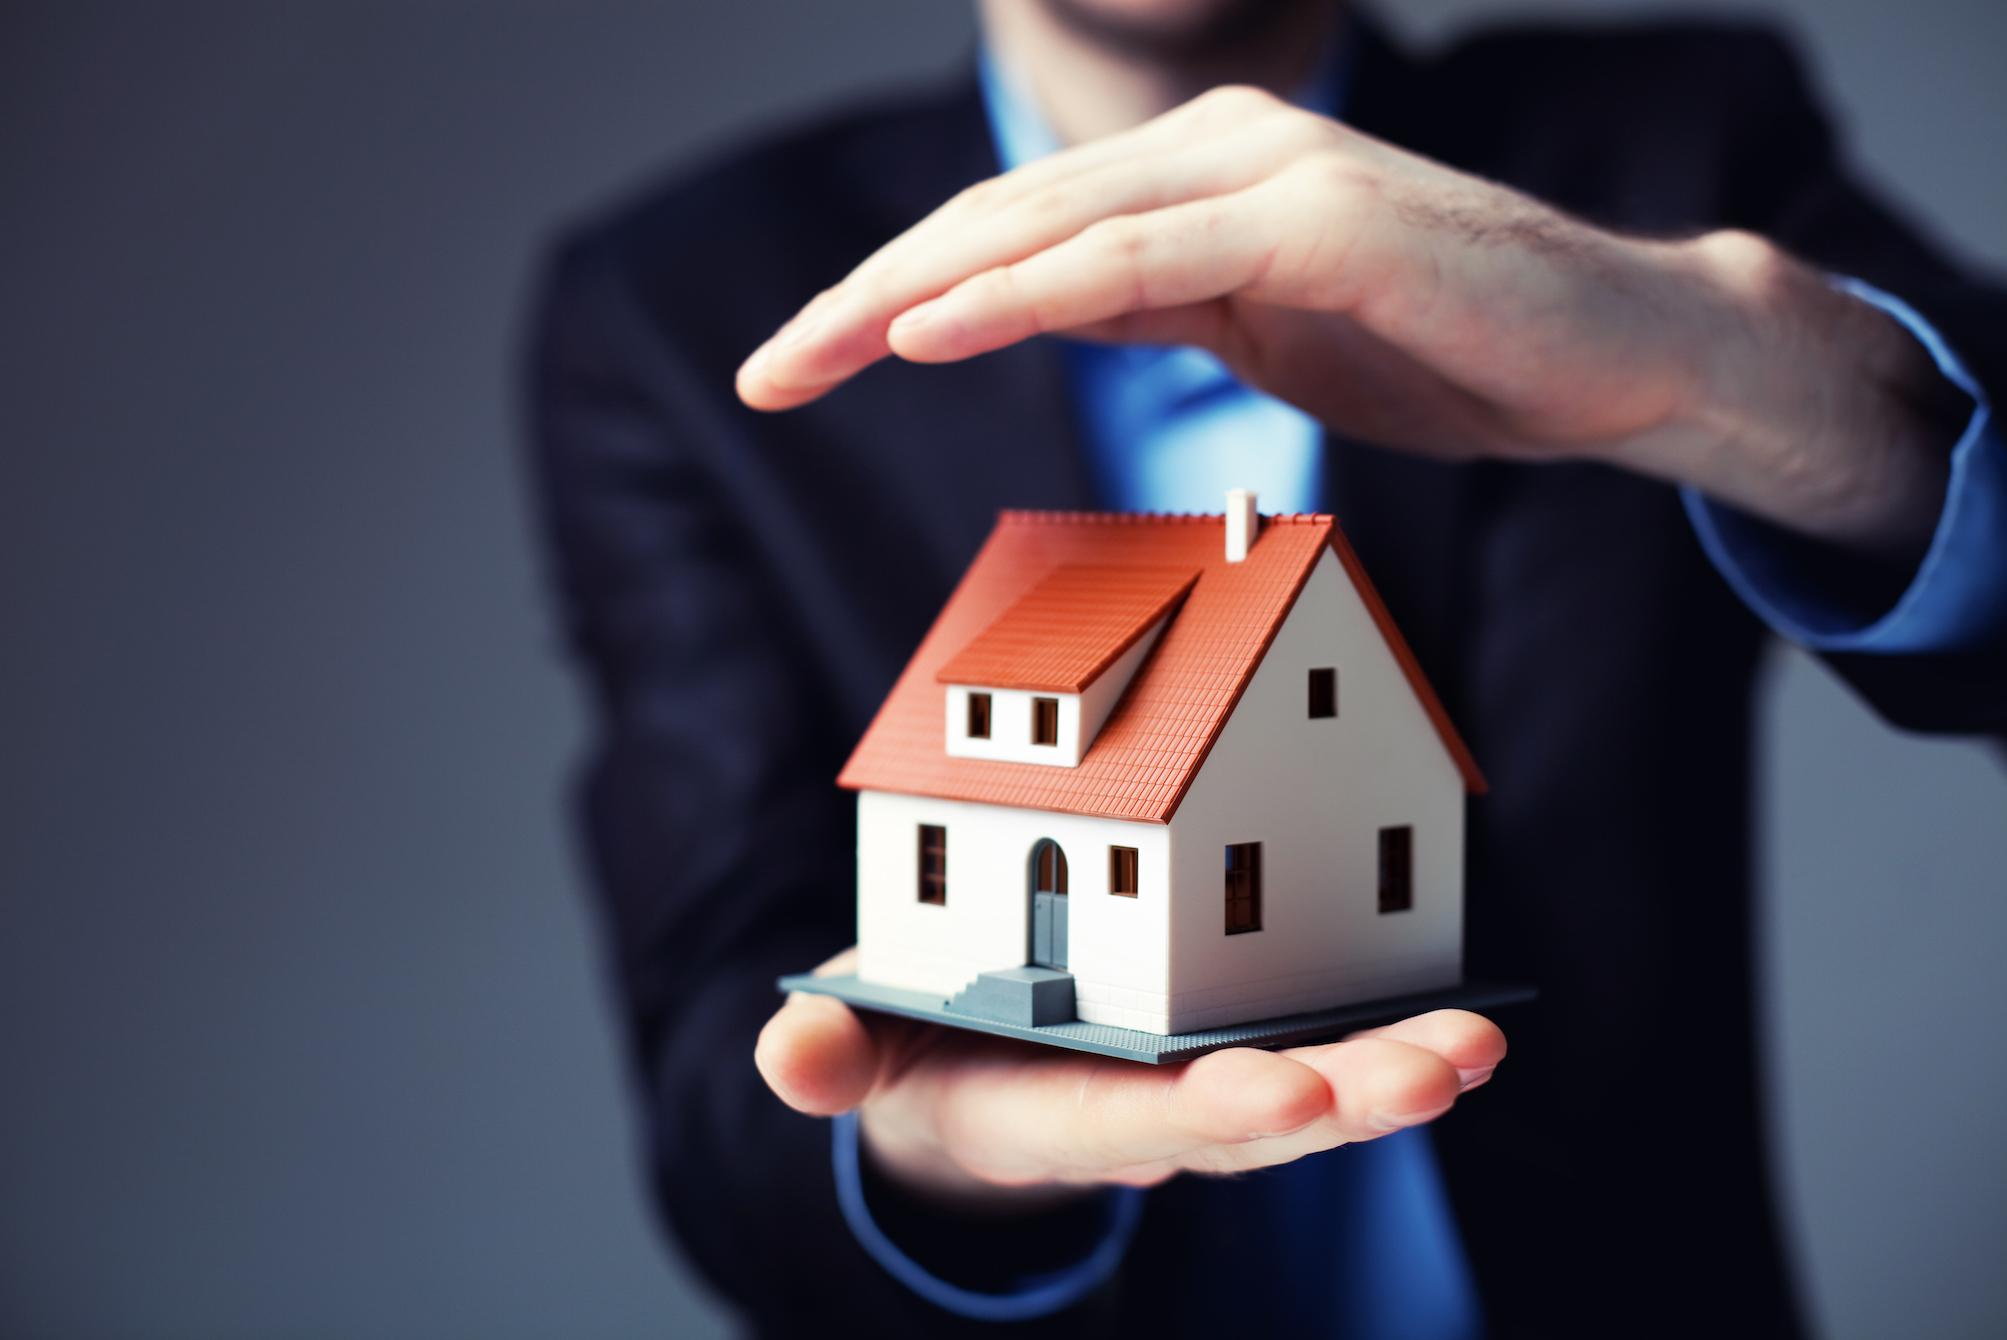 Обязательно ли страхование жизни, недвижимости и титула при ипотеке каждый год: калькулятор и стоимость оформления